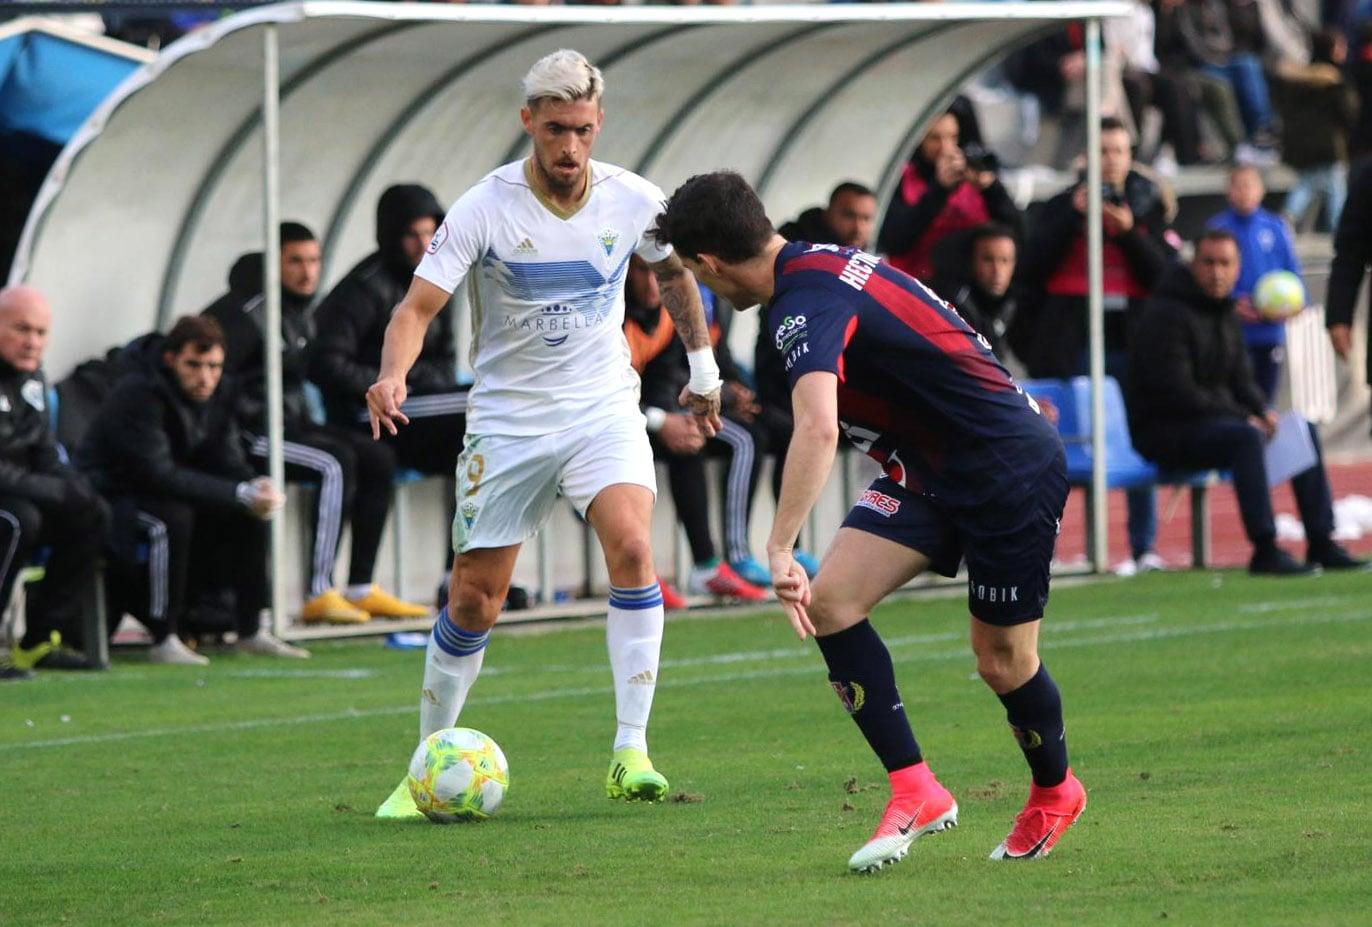 El Marbella F.C. vs Yeclano, lanzado y ganador en un gran partido (2-1))